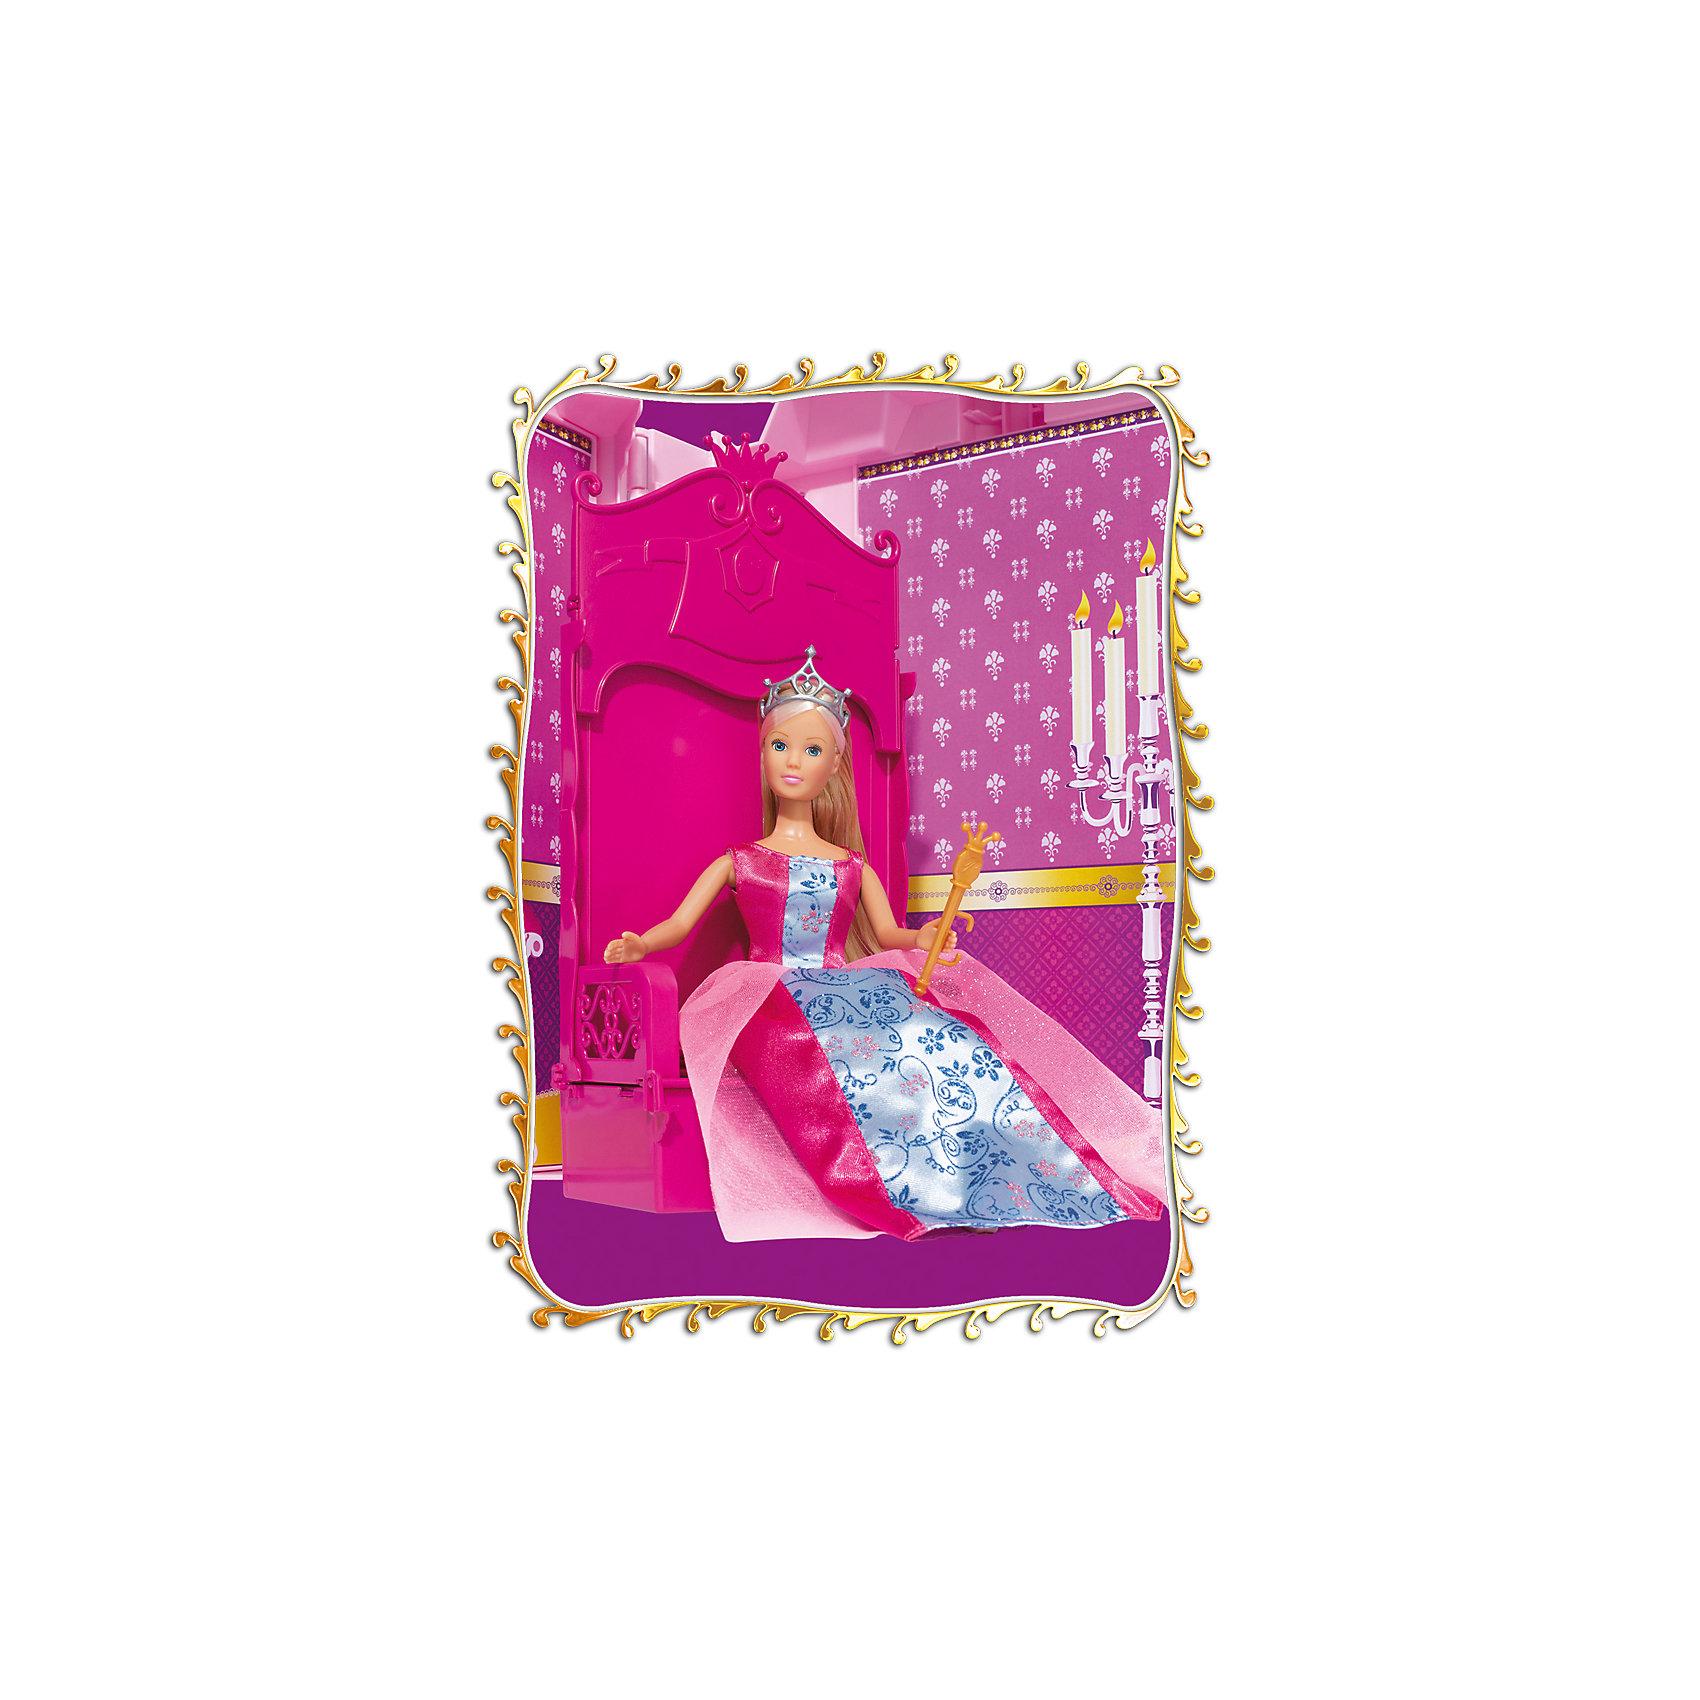 Кукла Штеффи и ее замок, SimbaХарактеристики товара:<br><br>- цвет: разноцветный;<br>- материал: пластик;<br>- возраст: от трех лет;<br>- комплектация: кукла, аксессуары, декорации;<br>- высота куклы: 29 см.<br><br>Эта симпатичная кукла Штеффи от известного бренда не оставит девочку равнодушной! Какая девочка сможет отказаться поиграть с куклами, которые дополнены набором в виде замка и предметами из него?! В набор входят аксессуары и предметы мебели для игр с куклой. Игрушка очень качественно выполнена, поэтому она станет замечательным подарком ребенку. <br>Продается набор в красивой удобной упаковке. Изделие произведено из высококачественного материала, безопасного для детей.<br><br>Куклу Штеффи и ее замок от бренда Simba можно купить в нашем интернет-магазине.<br><br>Ширина мм: 150<br>Глубина мм: 500<br>Высота мм: 400<br>Вес г: 2900<br>Возраст от месяцев: 36<br>Возраст до месяцев: 120<br>Пол: Женский<br>Возраст: Детский<br>SKU: 5119516